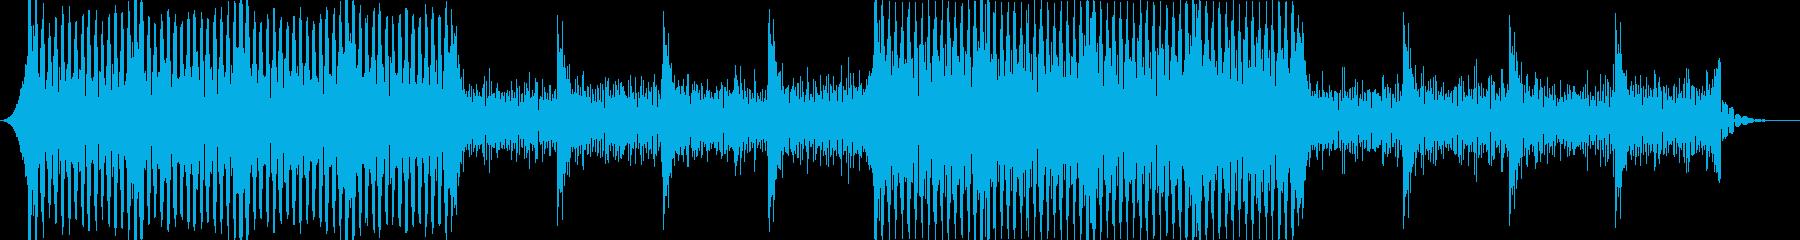 ニュース読み上げ/ダーク/無機質/深刻の再生済みの波形